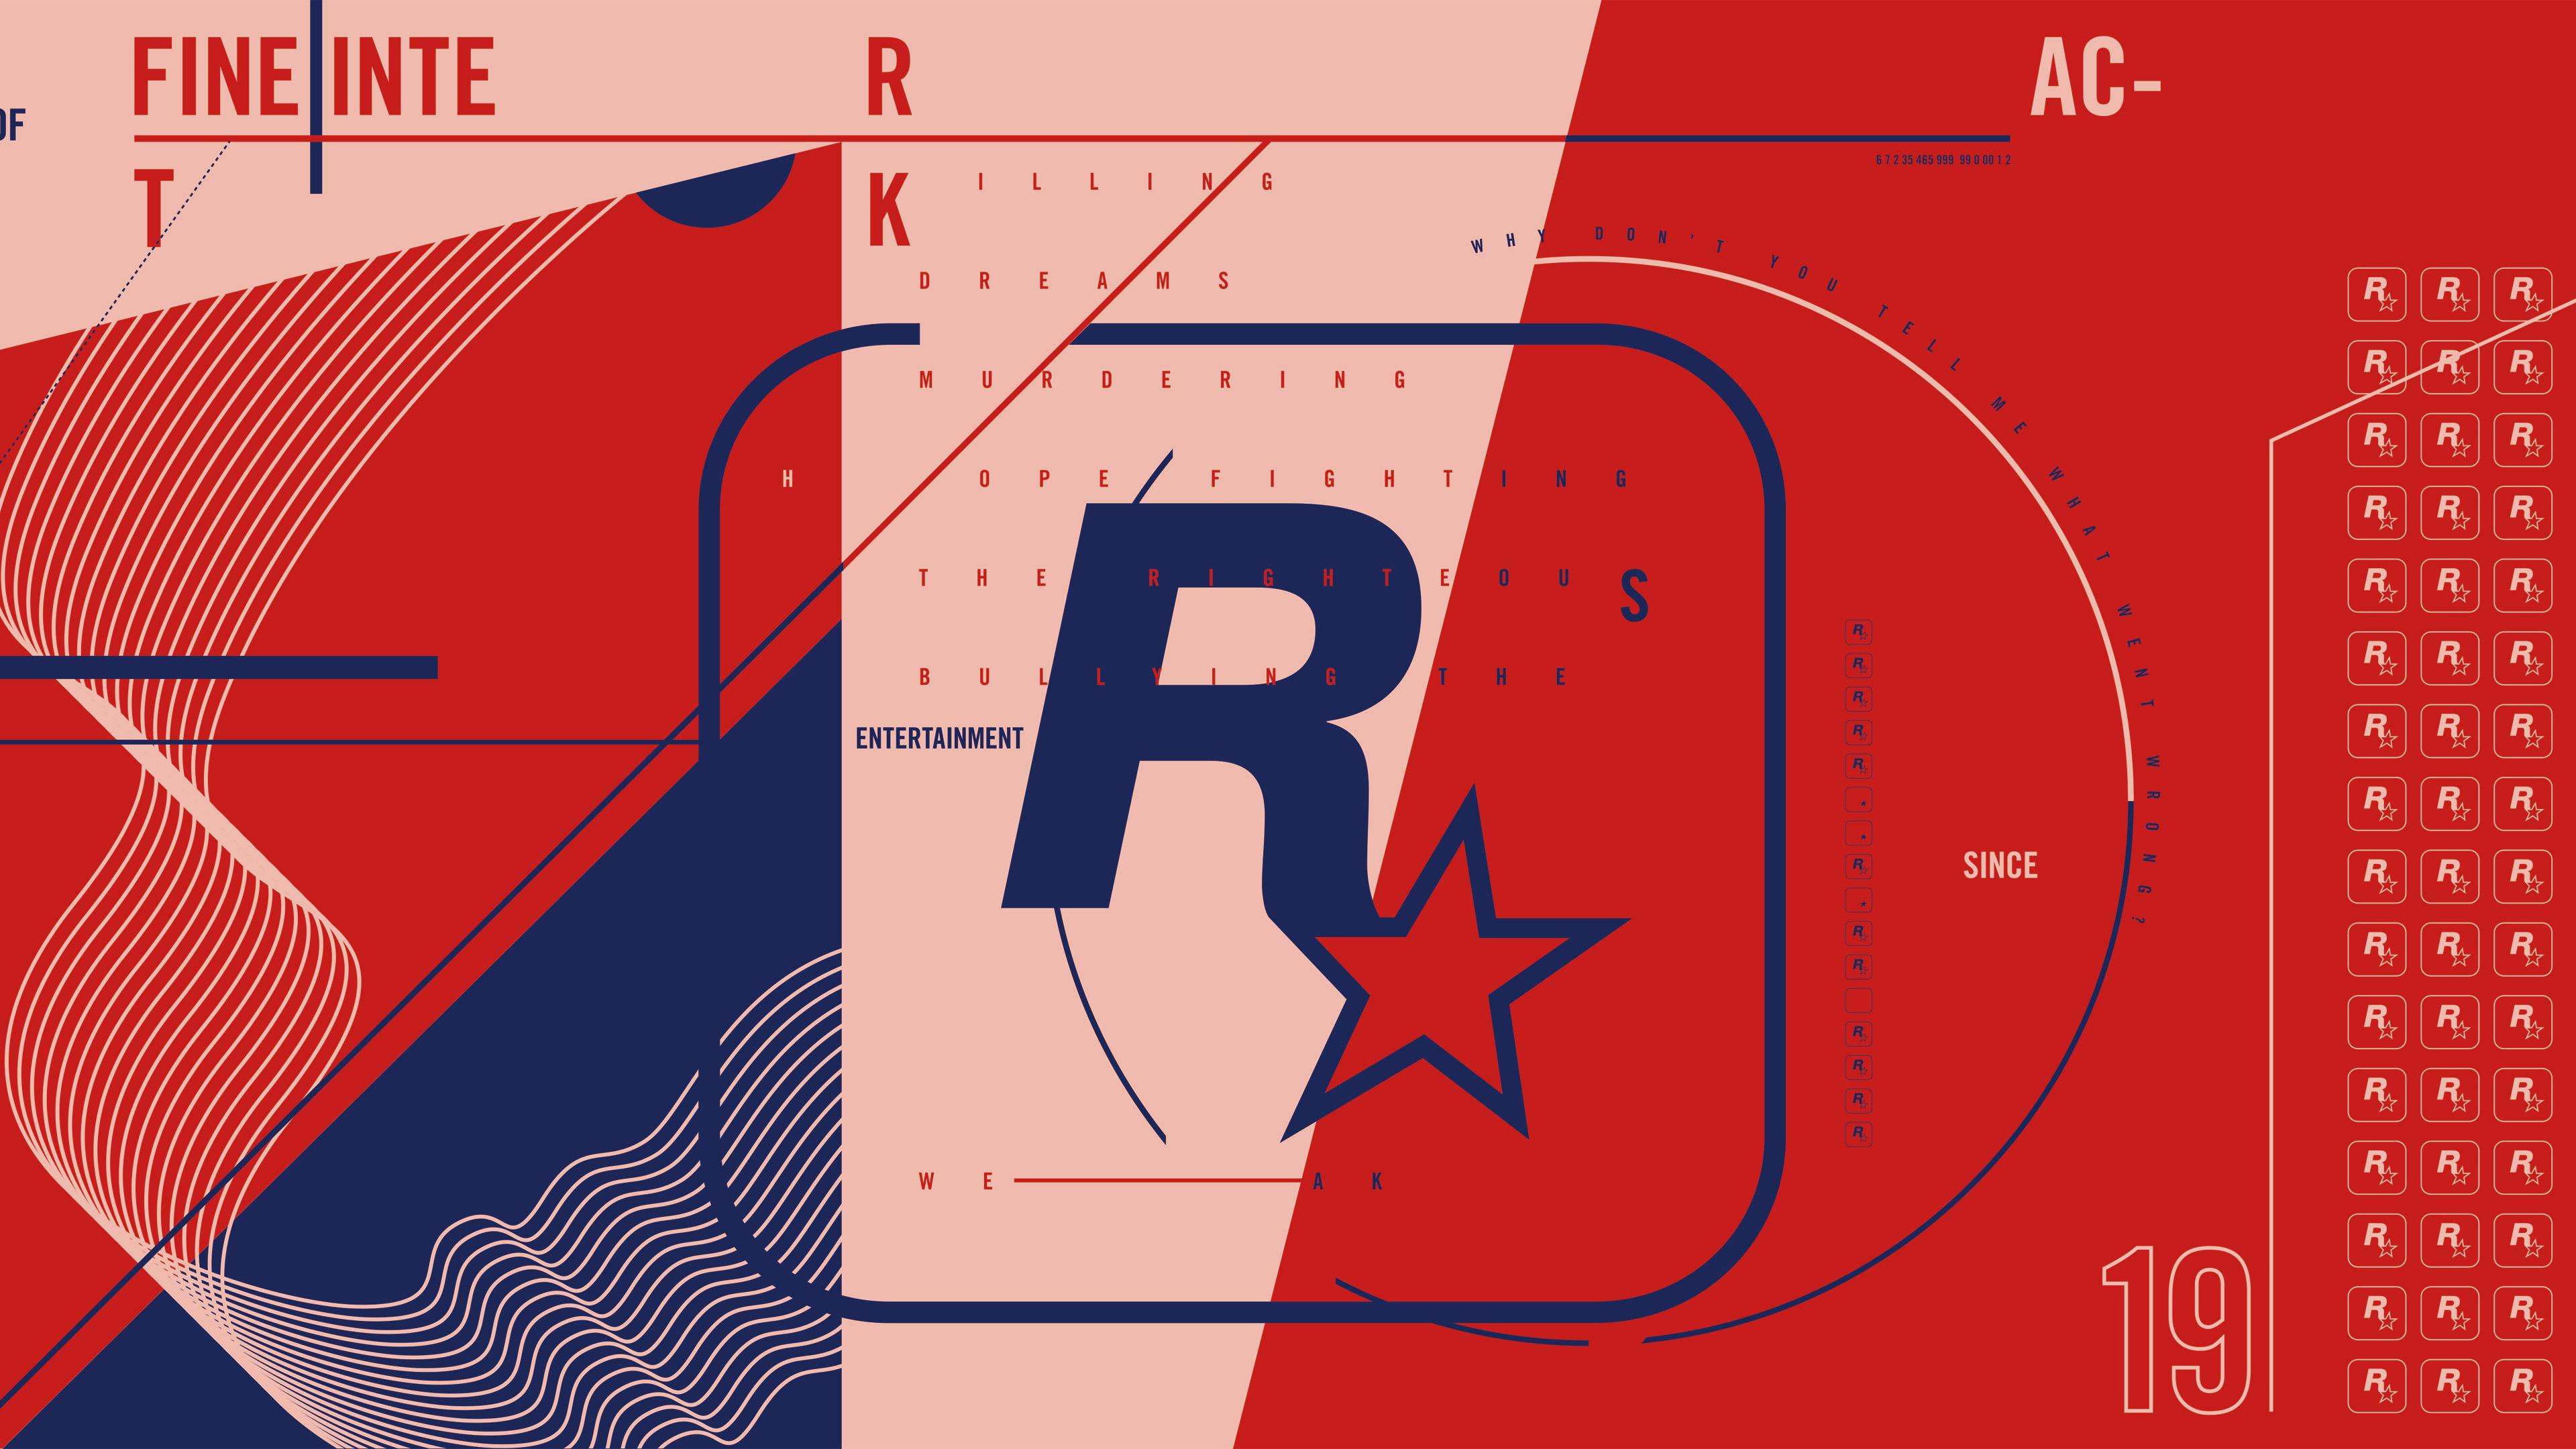 Rockstar Games New Logo 2020